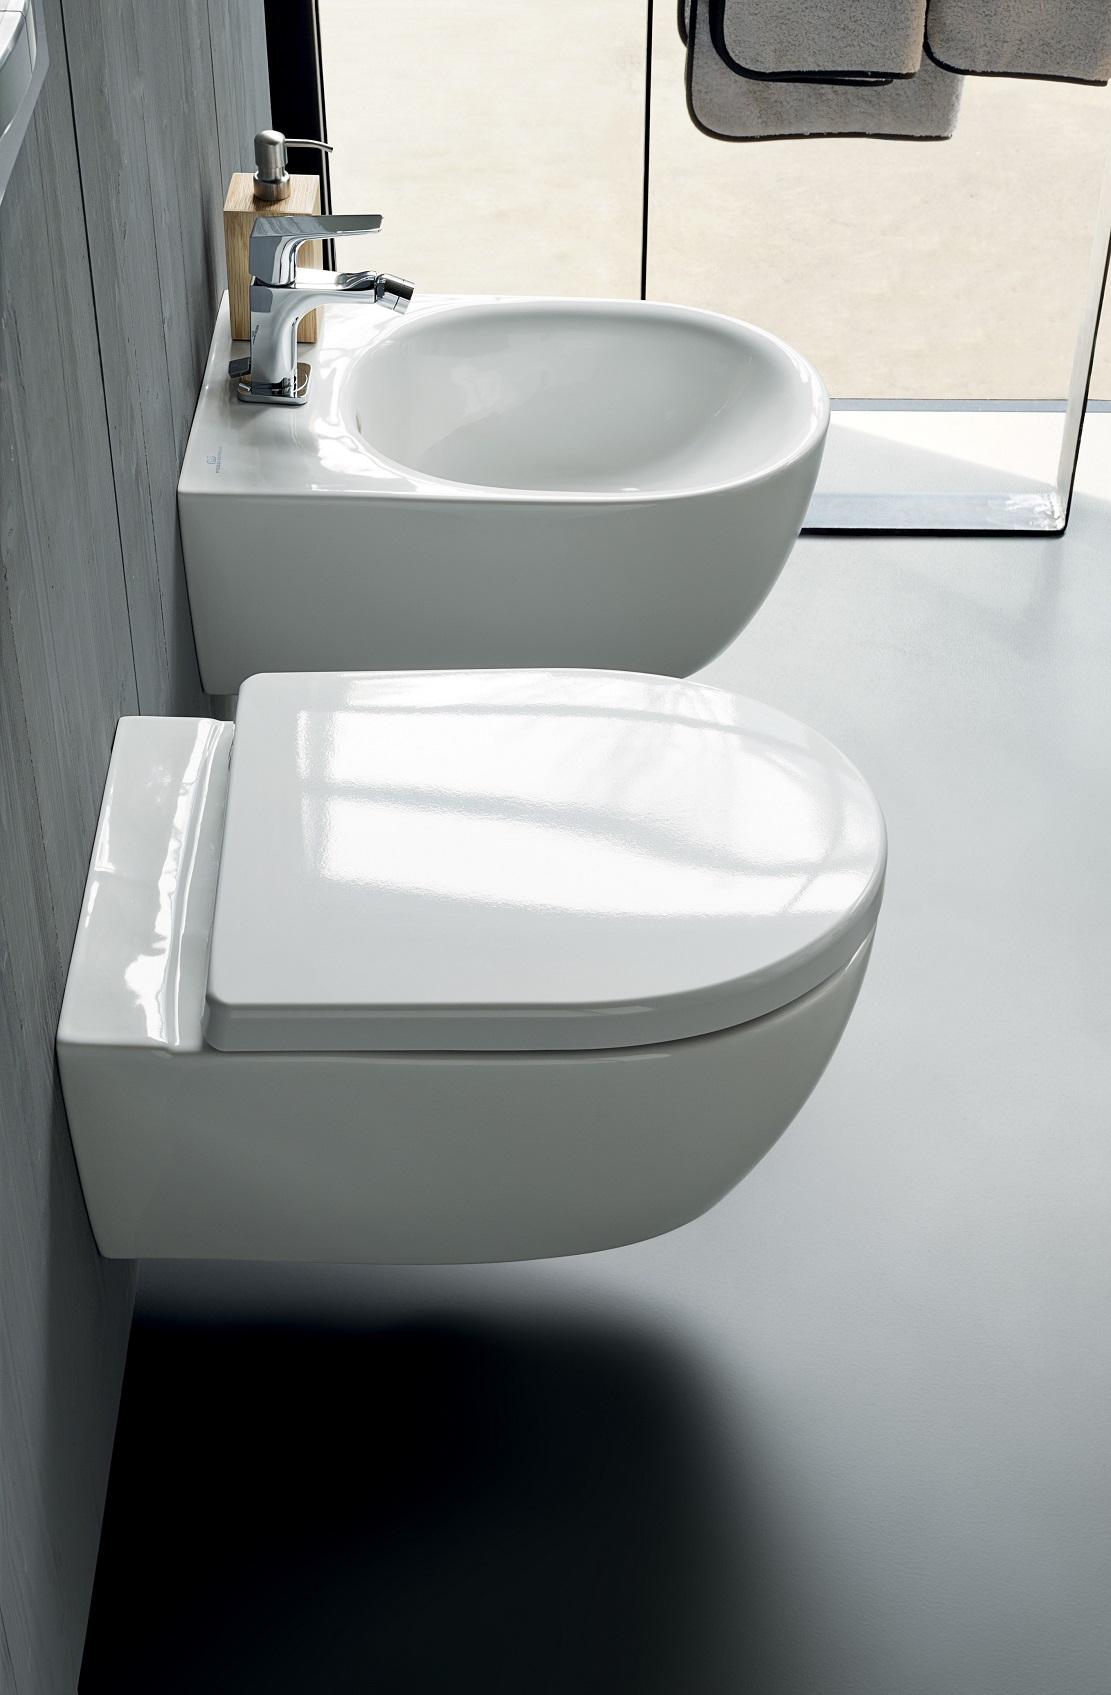 Sanitari a terra per installazione a filo parete gt il giornale del termoidraulico - Vasche da bagno pozzi ginori ...